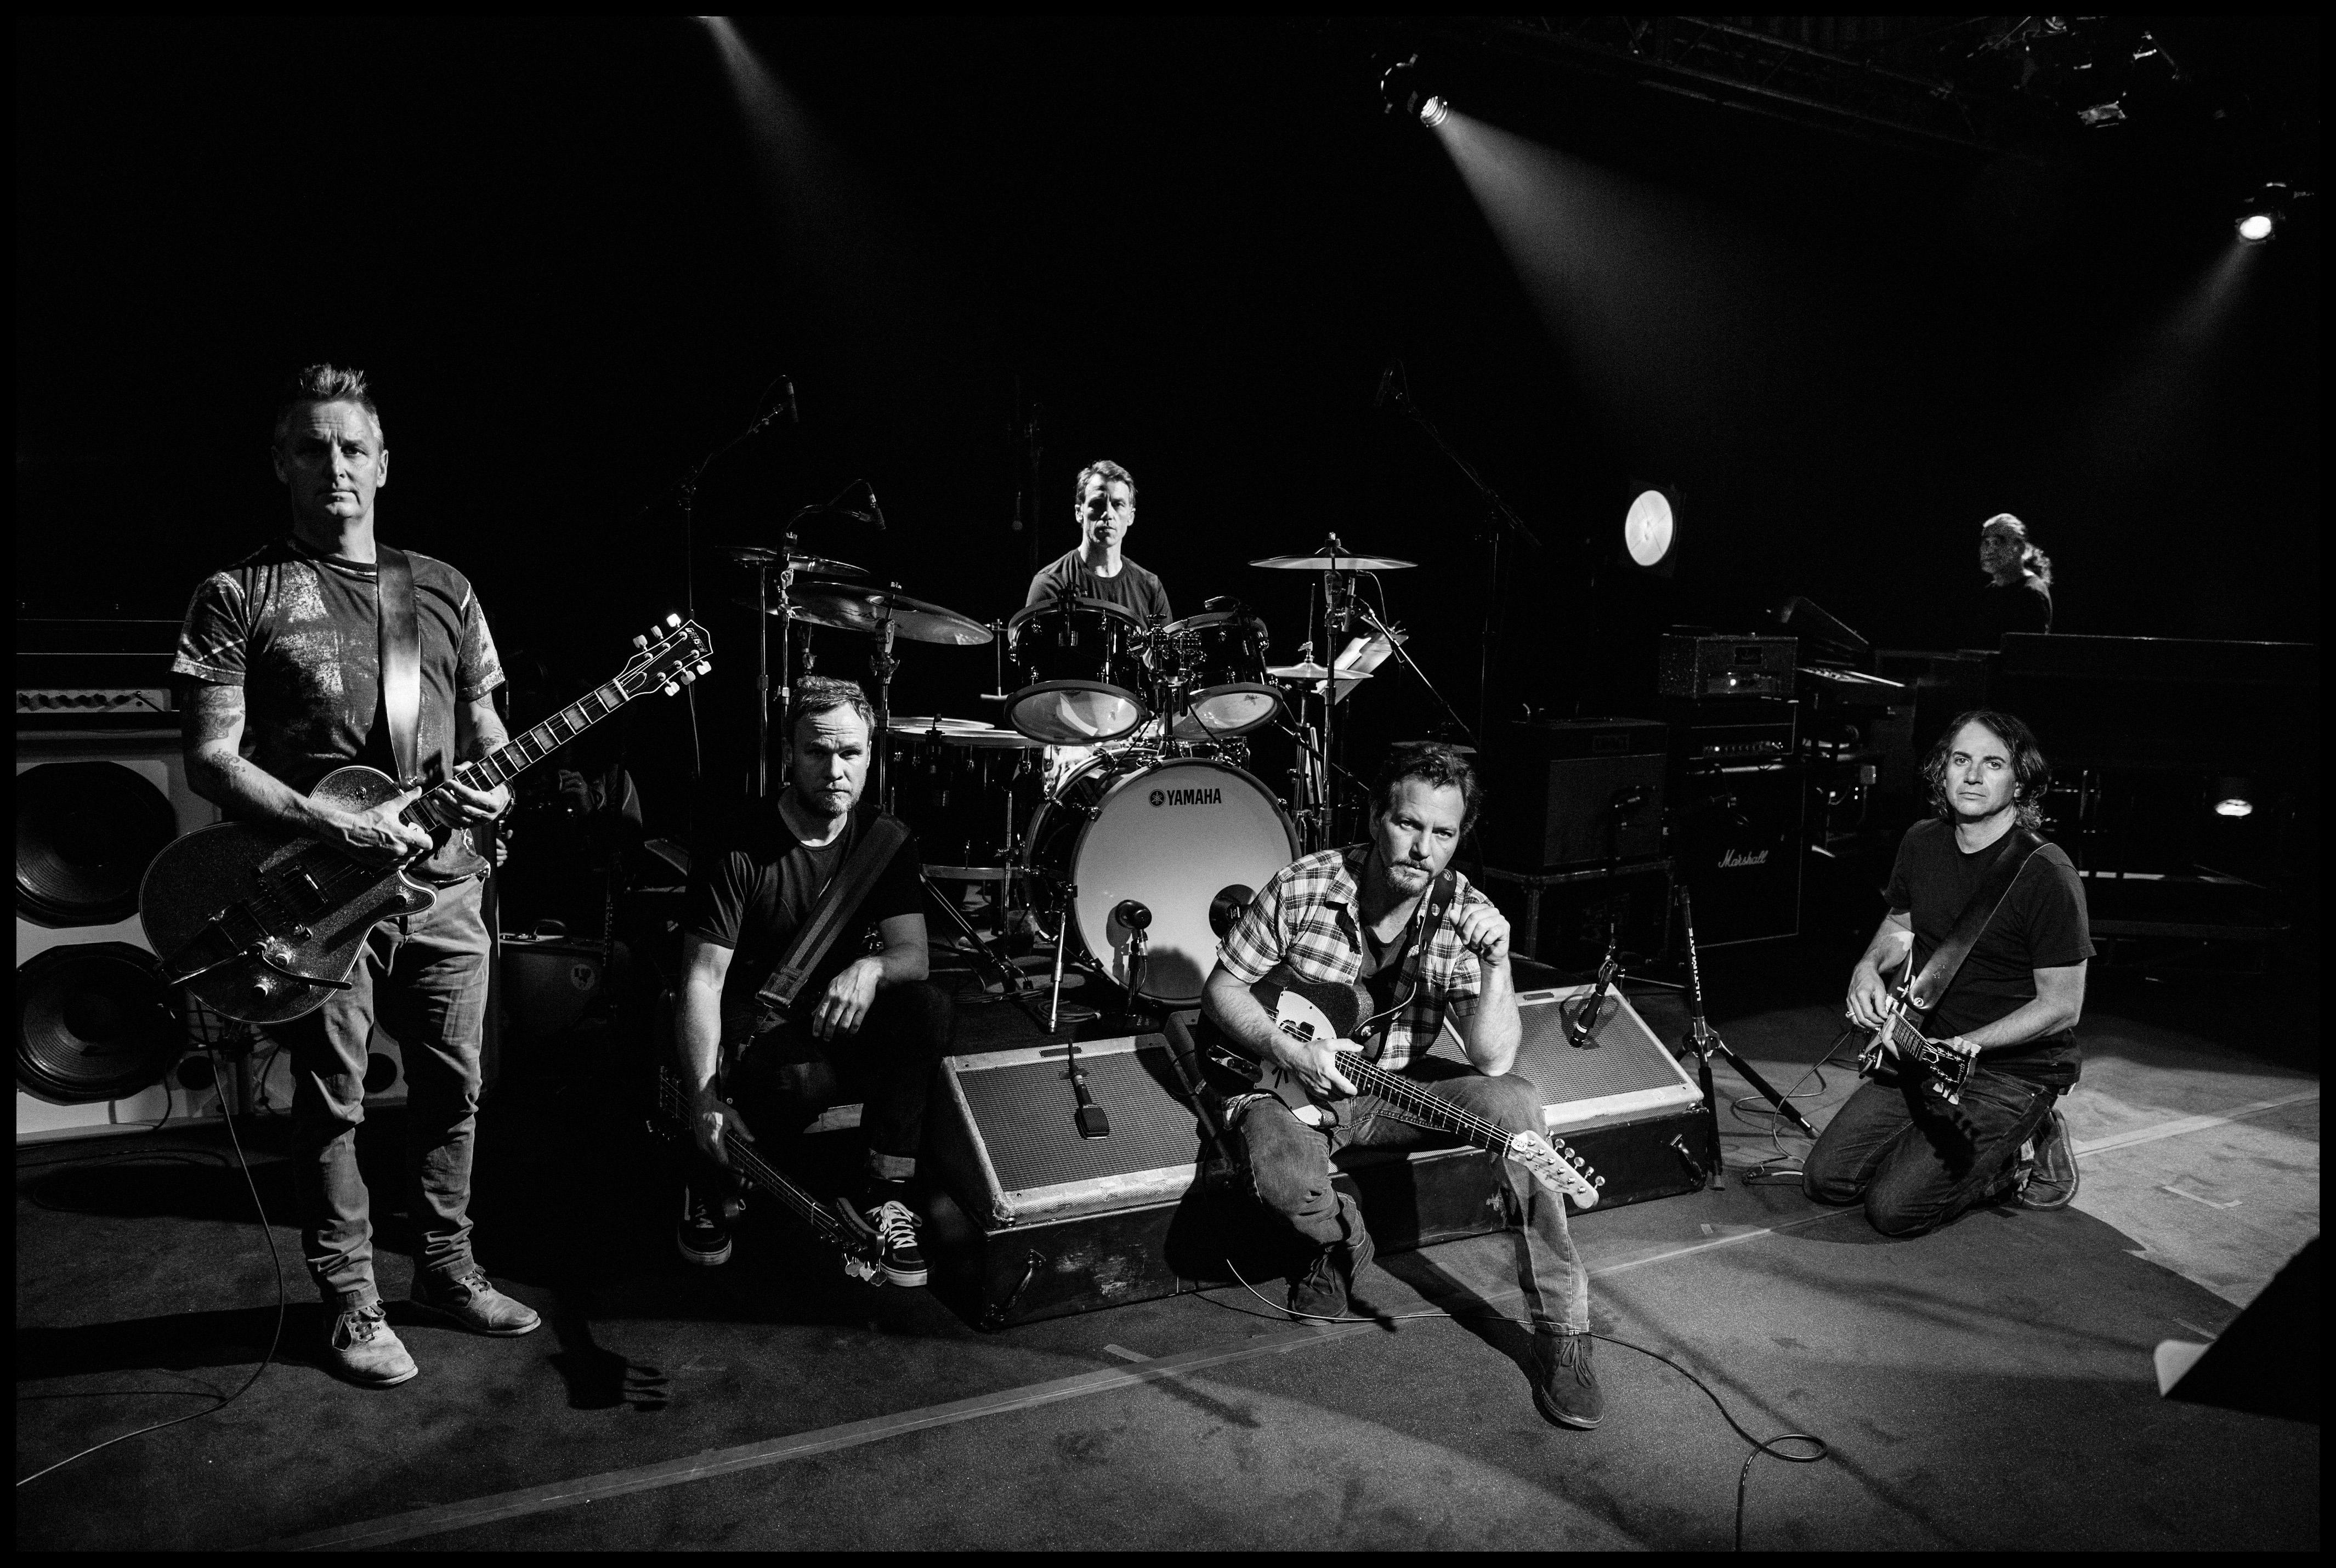 La noche más trágica de Pearl Jam